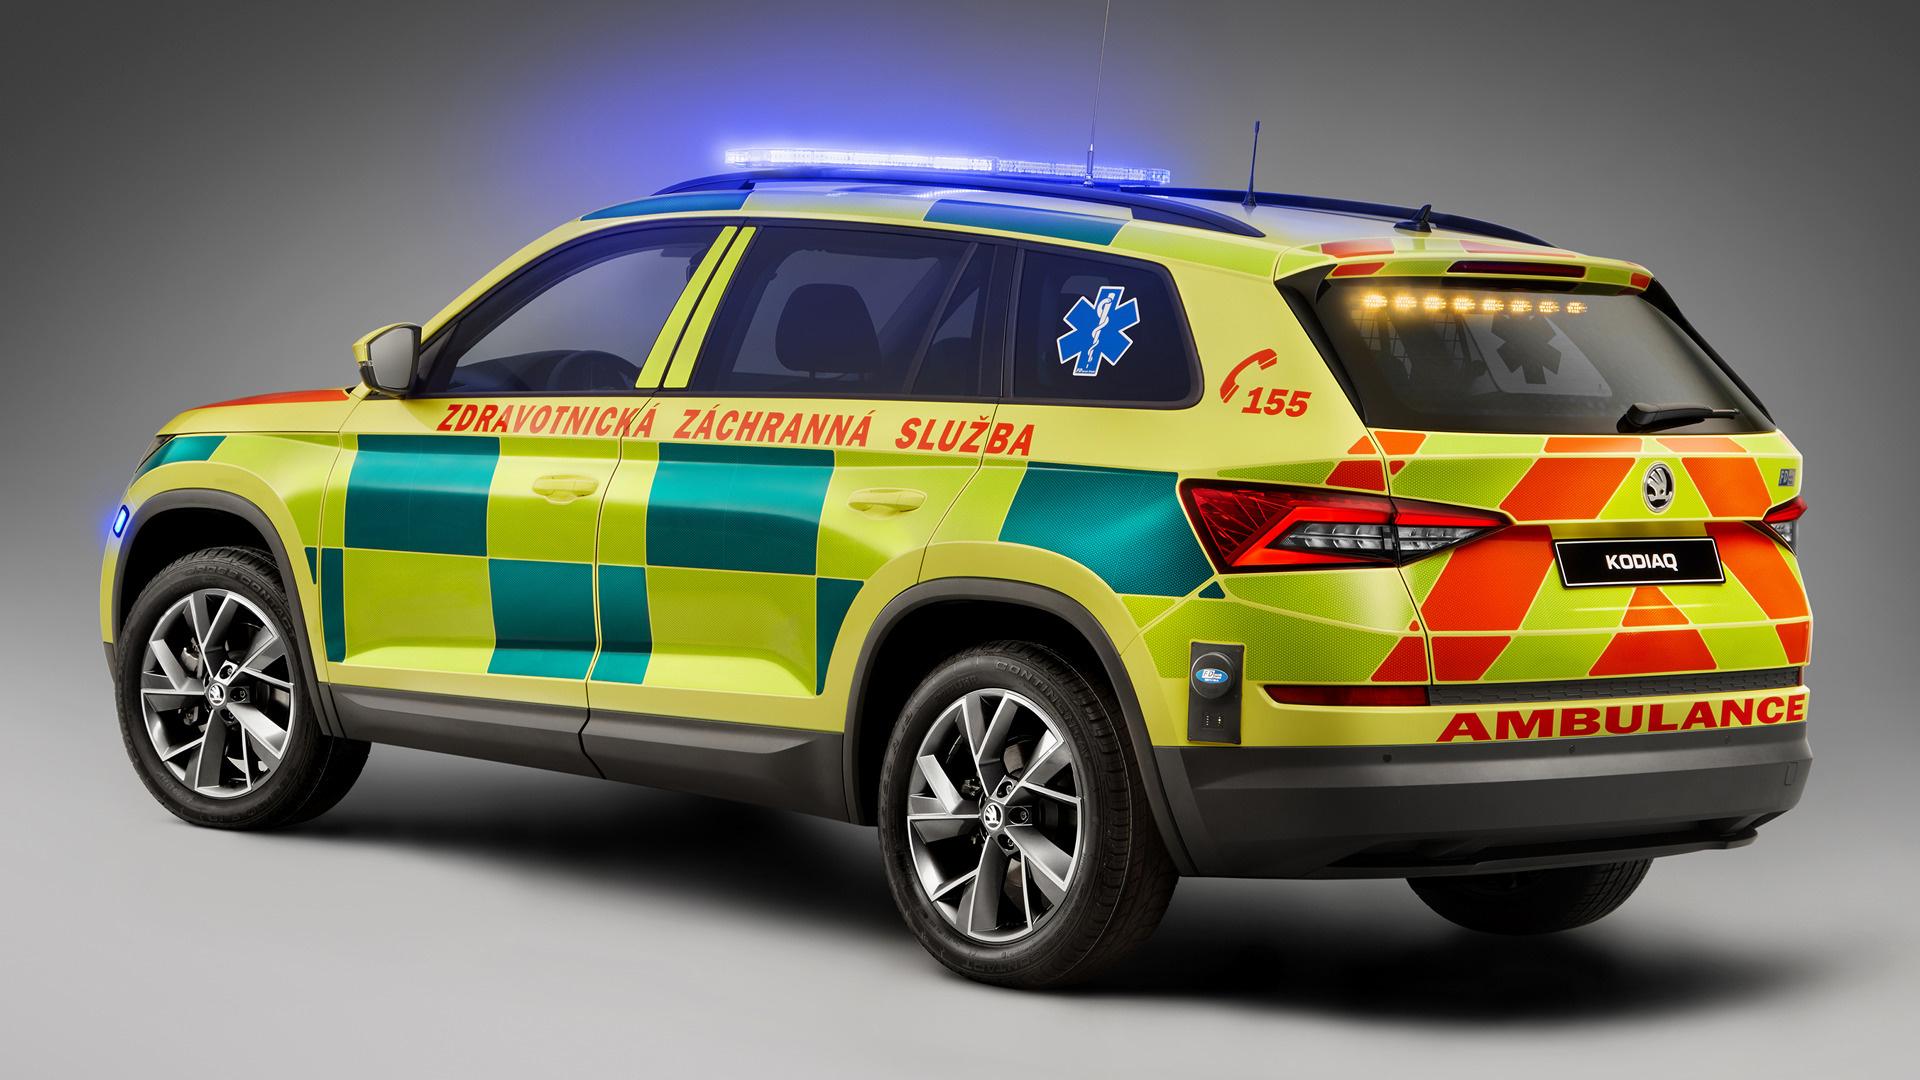 2017 Skoda Kodiaq Ambulance Hd Wallpaper Background Image